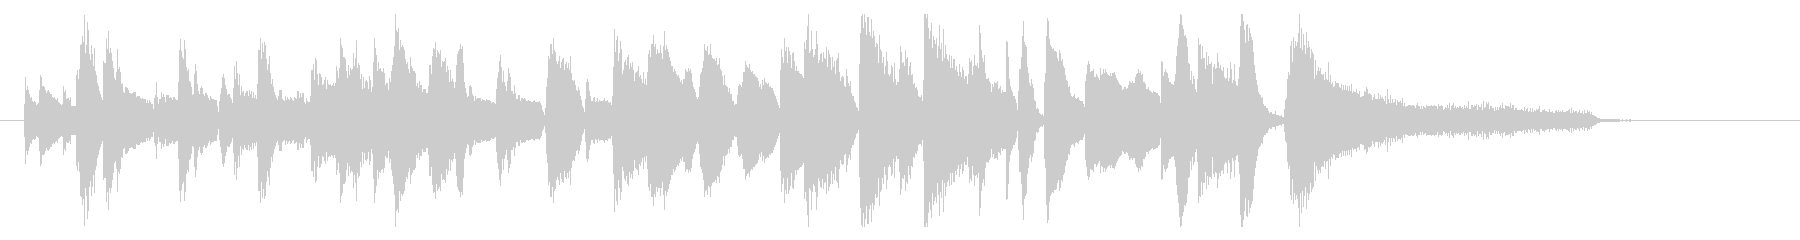 ジングル ジャズピアノ9の未再生の波形